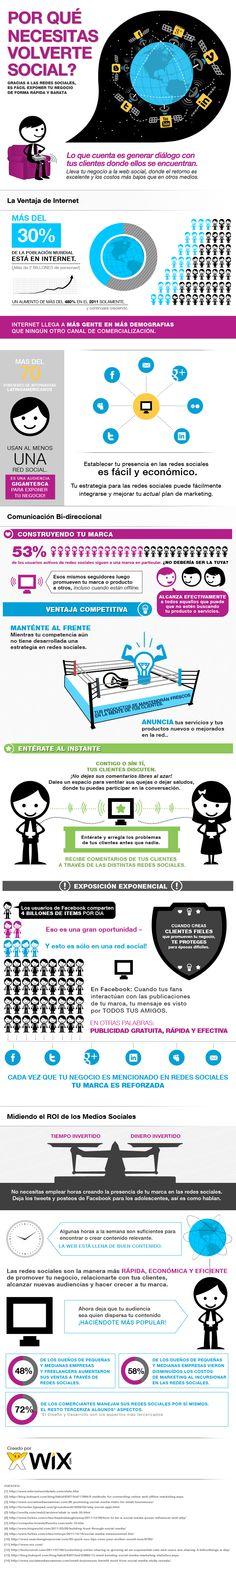 Redes Sociales son importantes para las empresas.